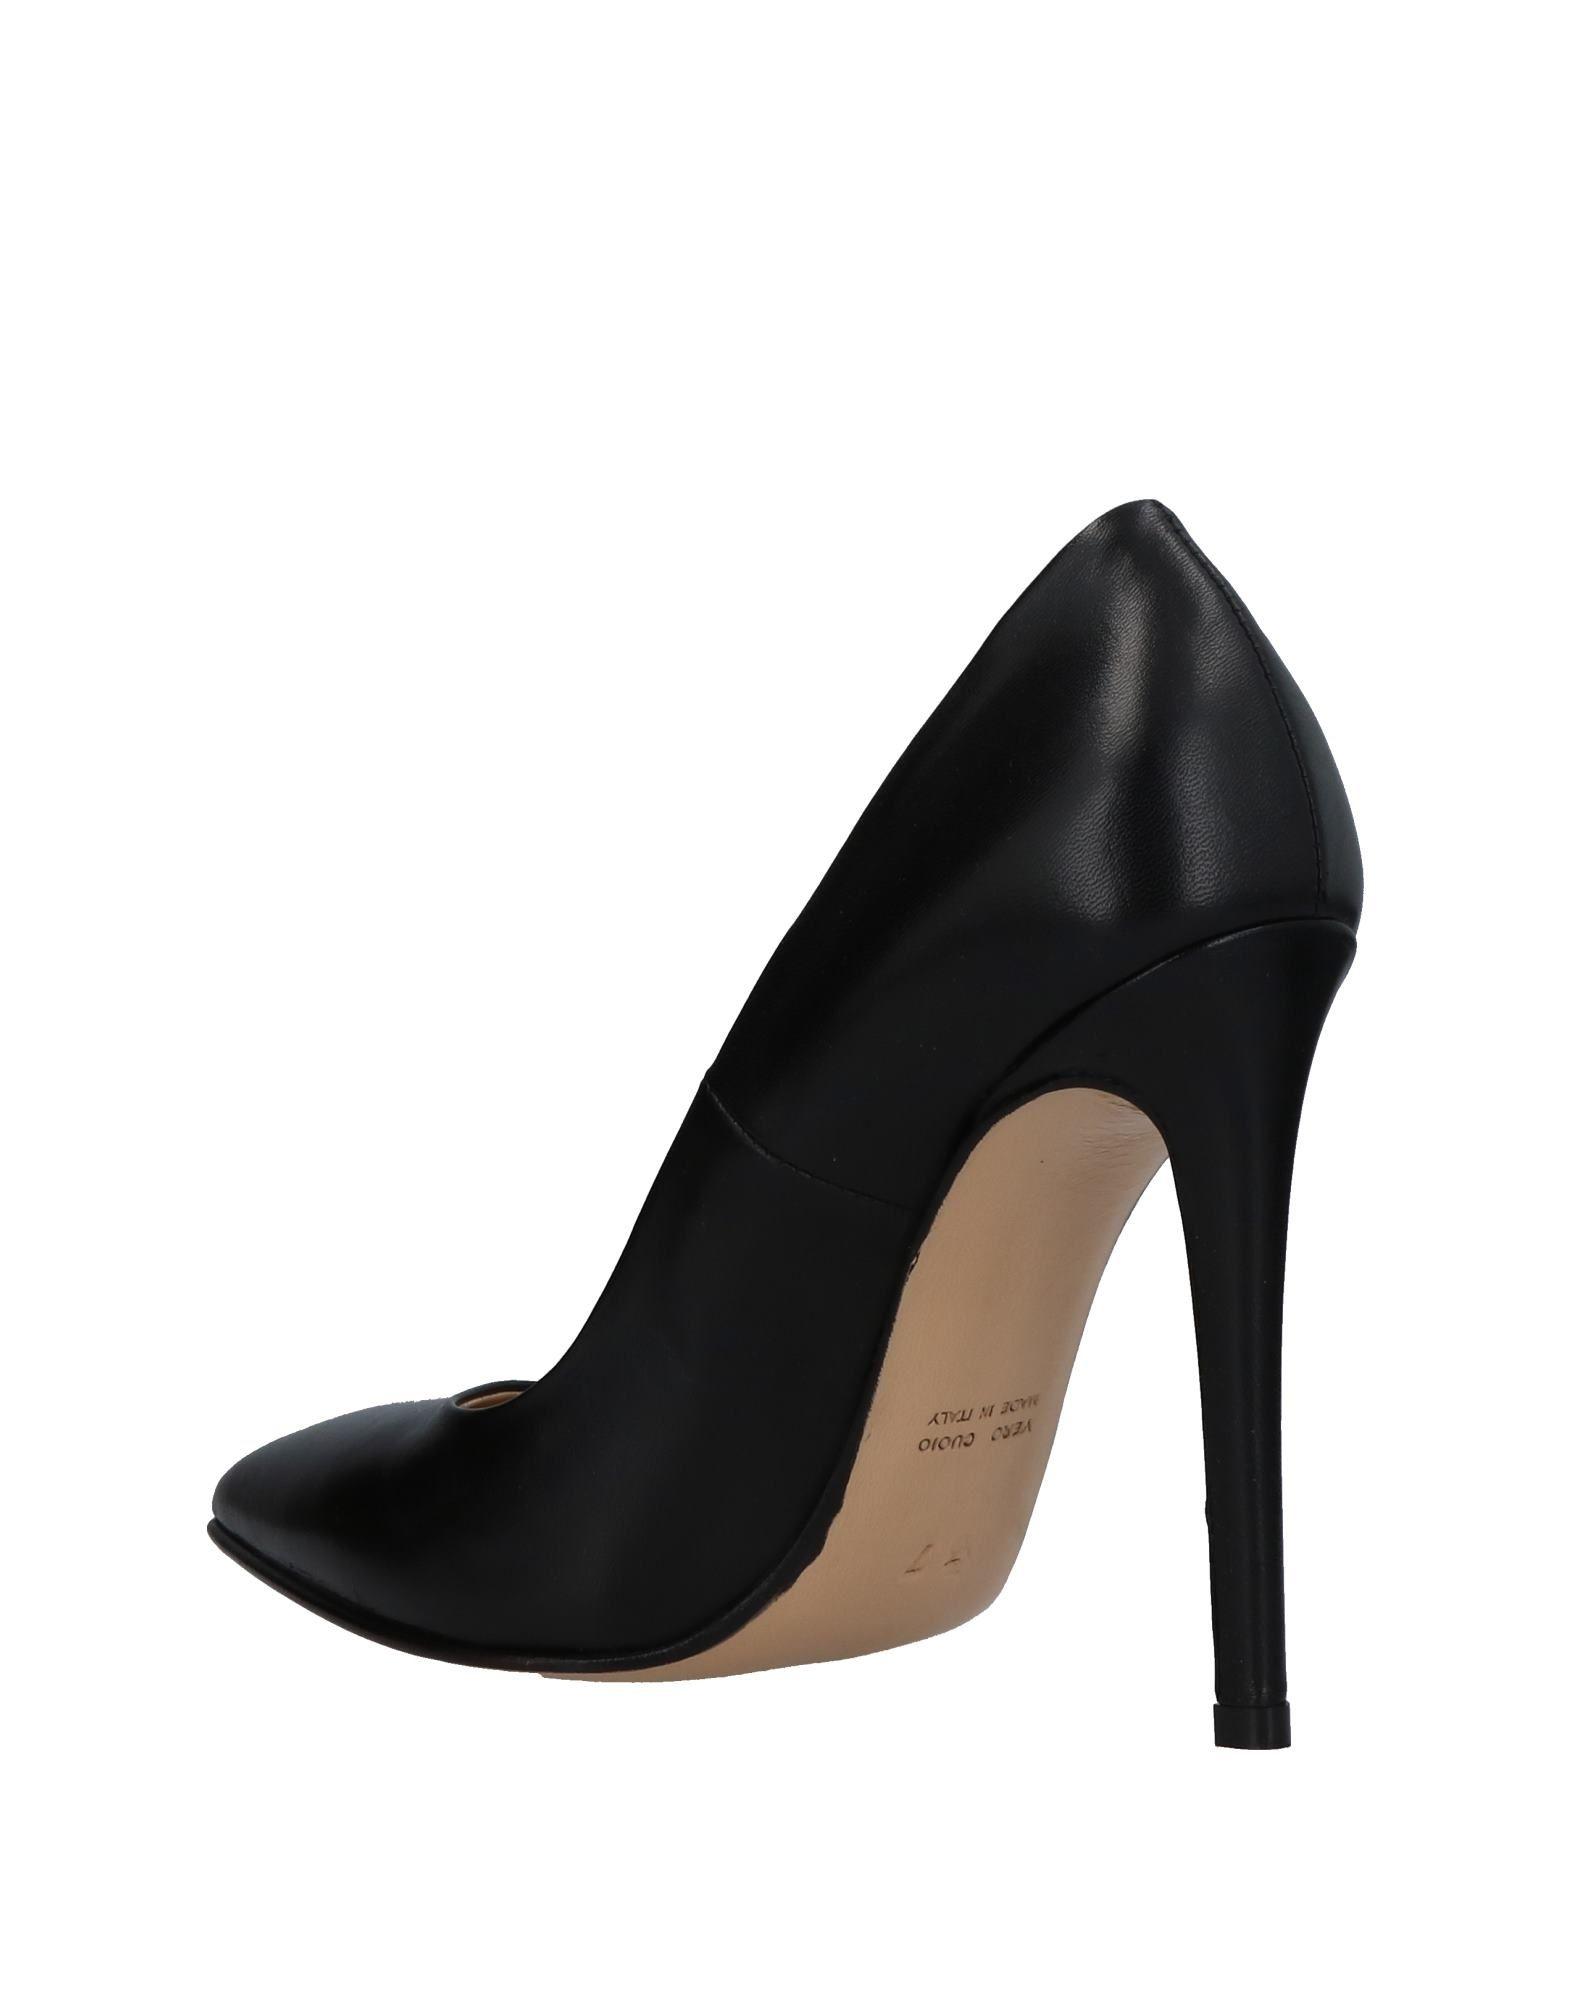 Stele beliebte Pumps Damen  11387288MR Gute Qualität beliebte Stele Schuhe 8296da